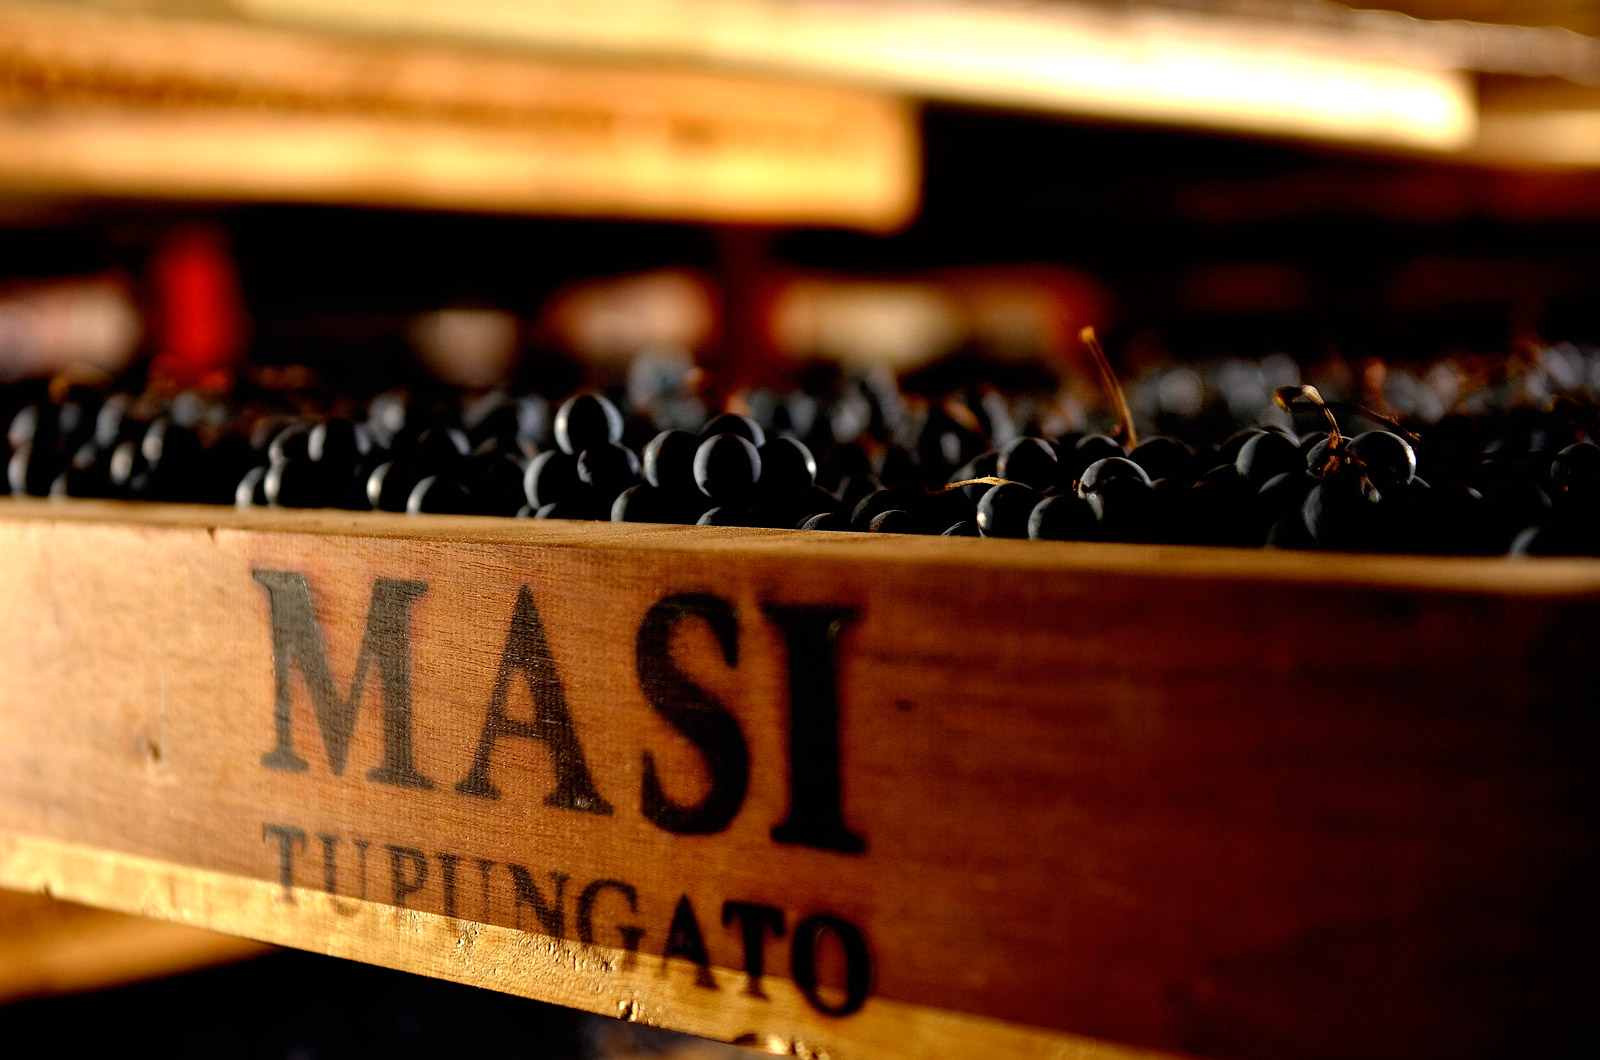 masi1